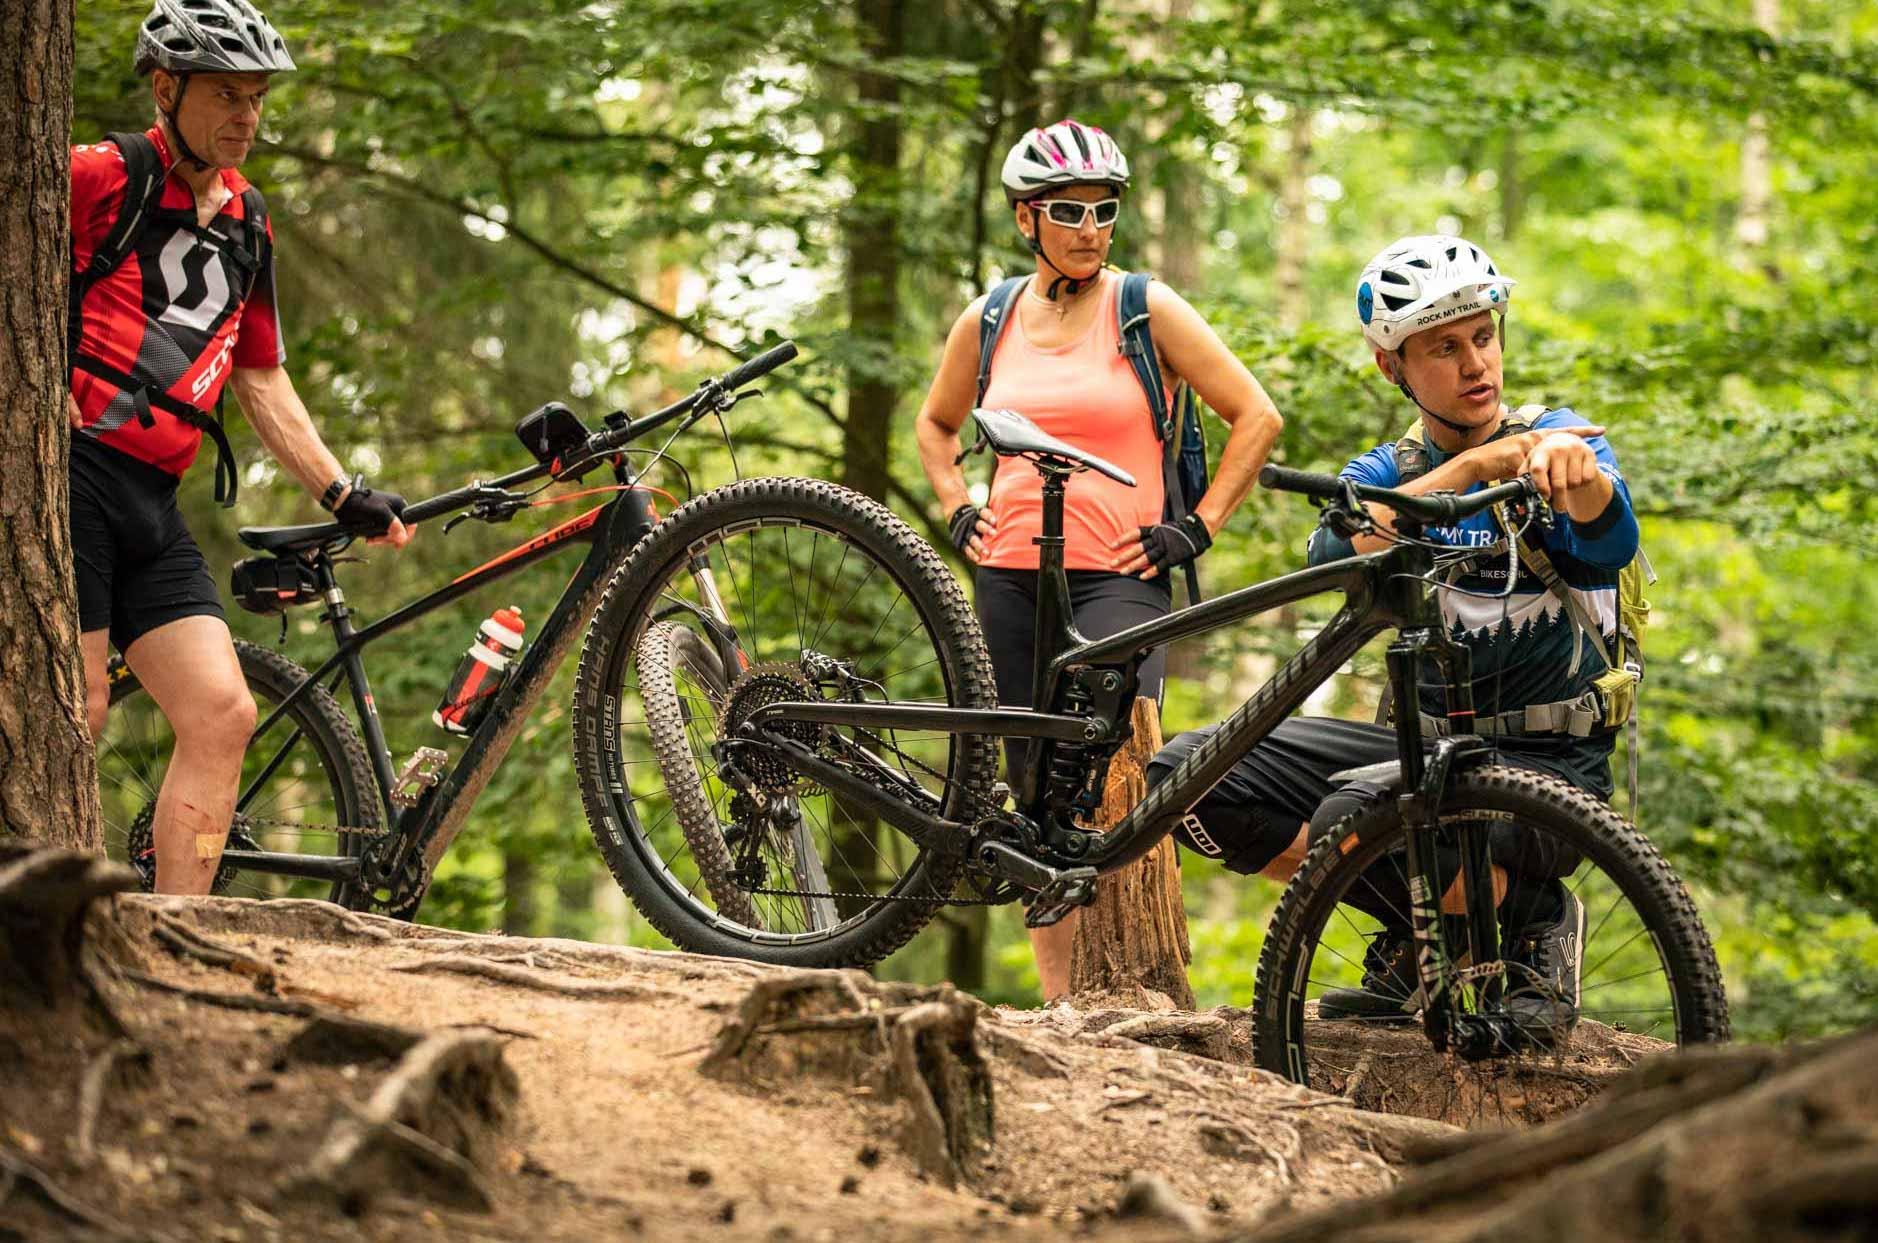 MTB Fahrtechnik Kurs für Einsteiger in Siegburg   Bonn - Mountainbike Basic - Rock my Trail Bikeschule - 9